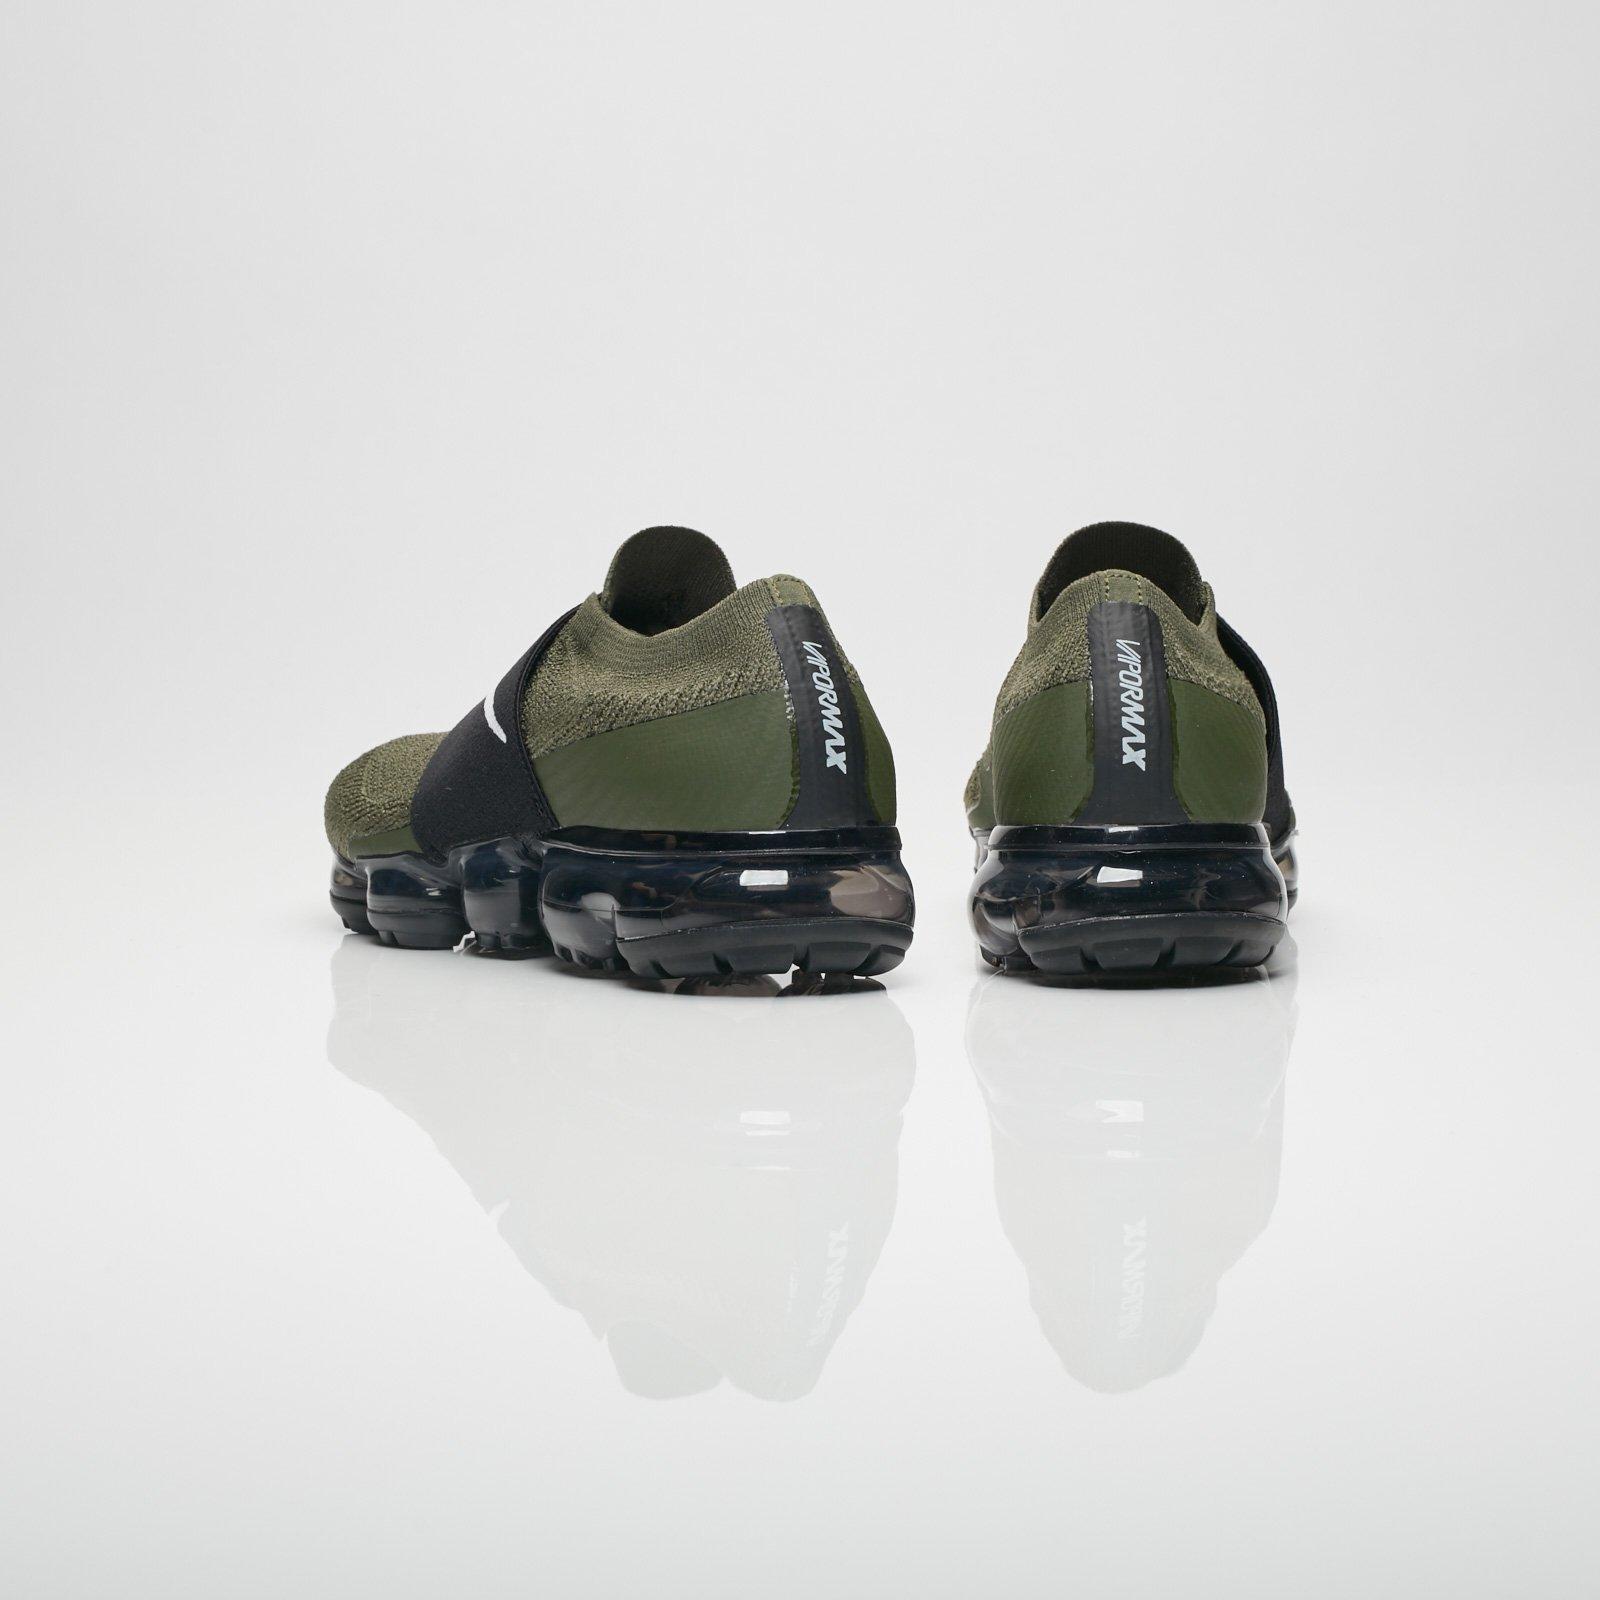 5170ac19dc189 Nike Air Vapormax Flyknit Moc - Aa4155-300 - Sneakersnstuff | sneakers &  streetwear online since 1999